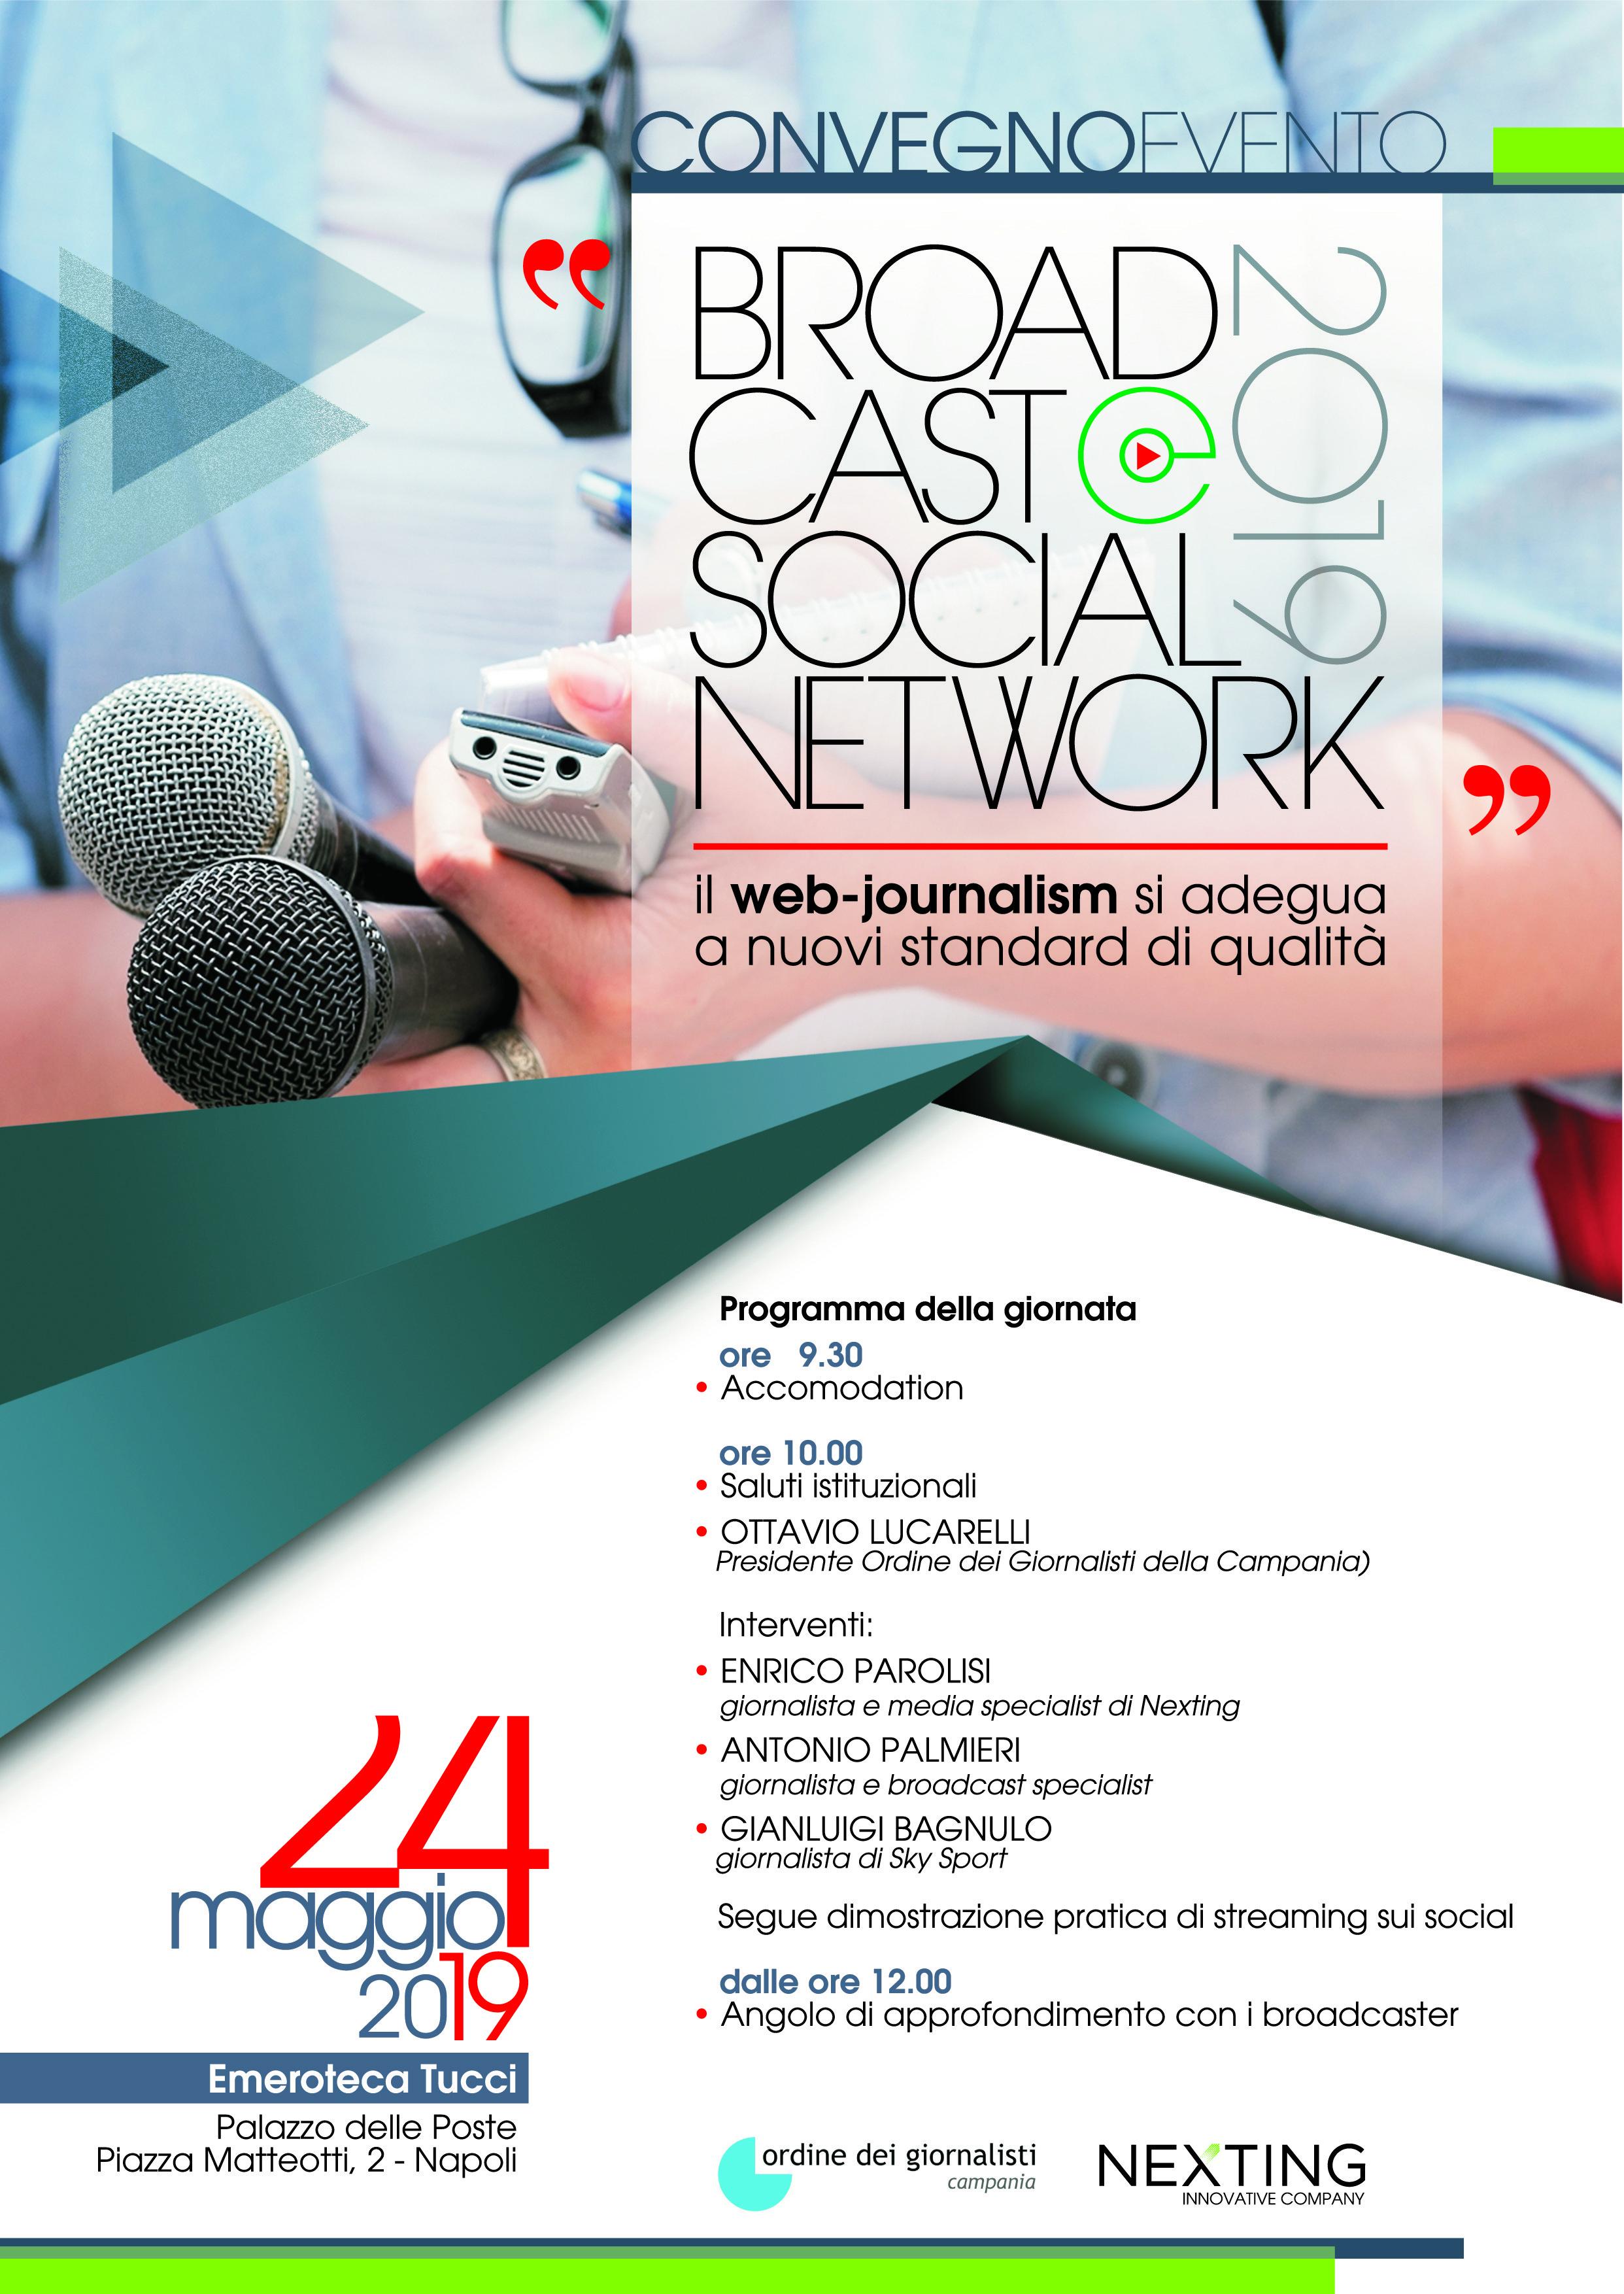 Giornalismo online, quale futuro? A Napoli corso OdG - Nexting su video, web e social network